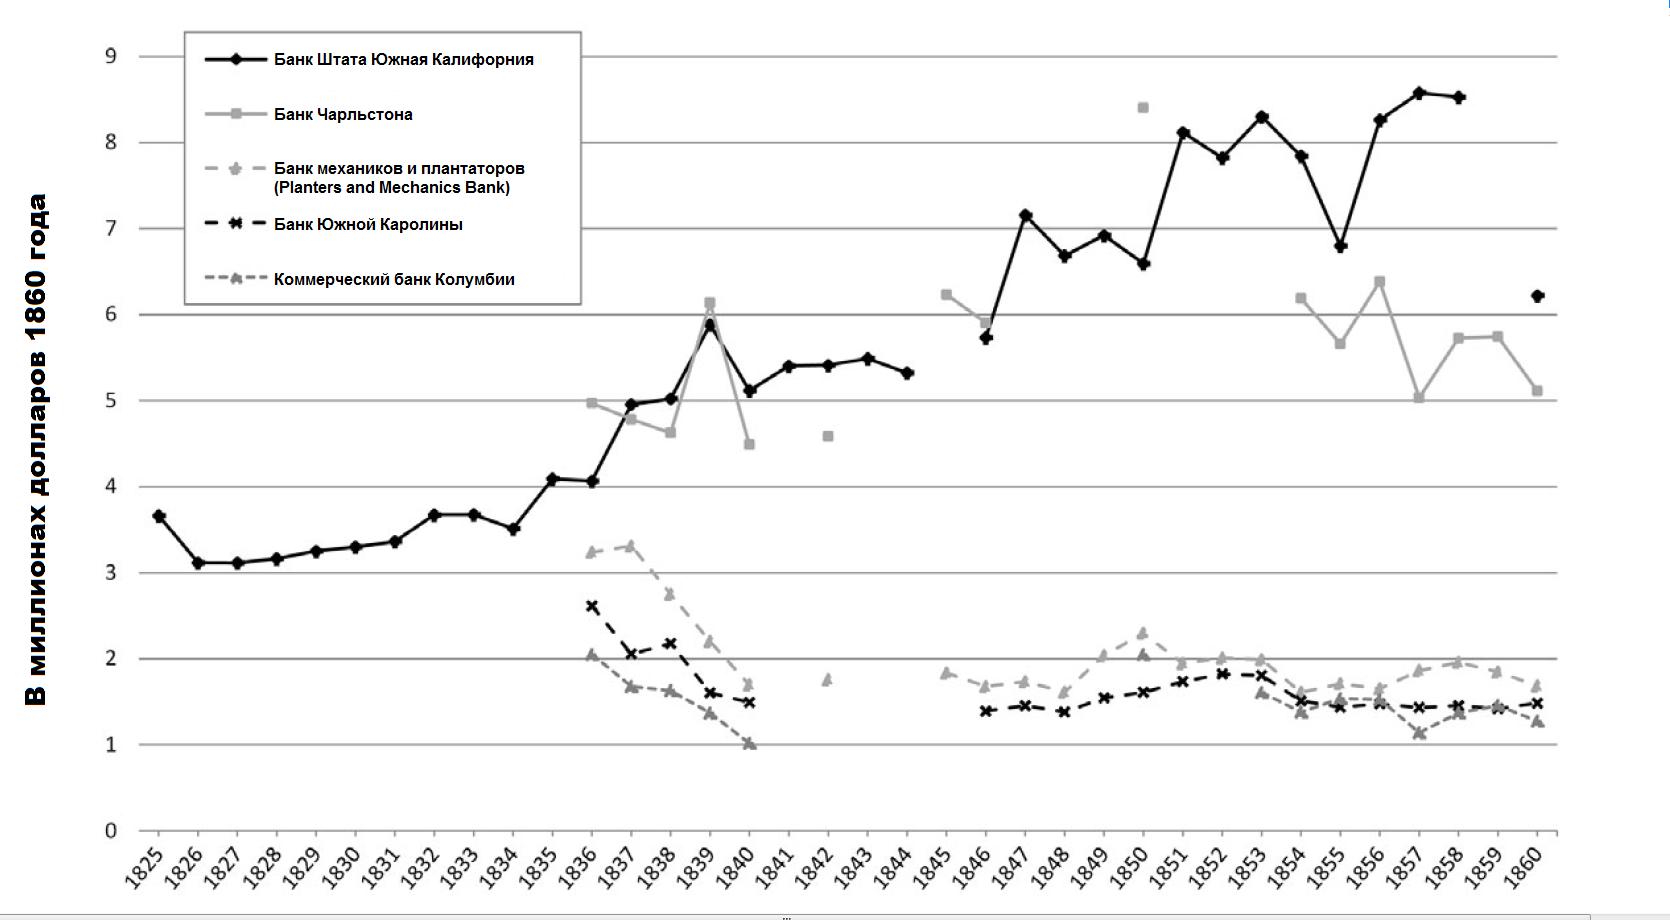 График 2. Общая стоимость активов банков Южной Каролины, 1825-60 годы. Источники: среднегодовая стоимость активов взята у Вебера (Weber 2011), дефлирование по индексу цен Южной Атлантики (South Atlantic price index) выполнено по работе Марго (Margo 2000).